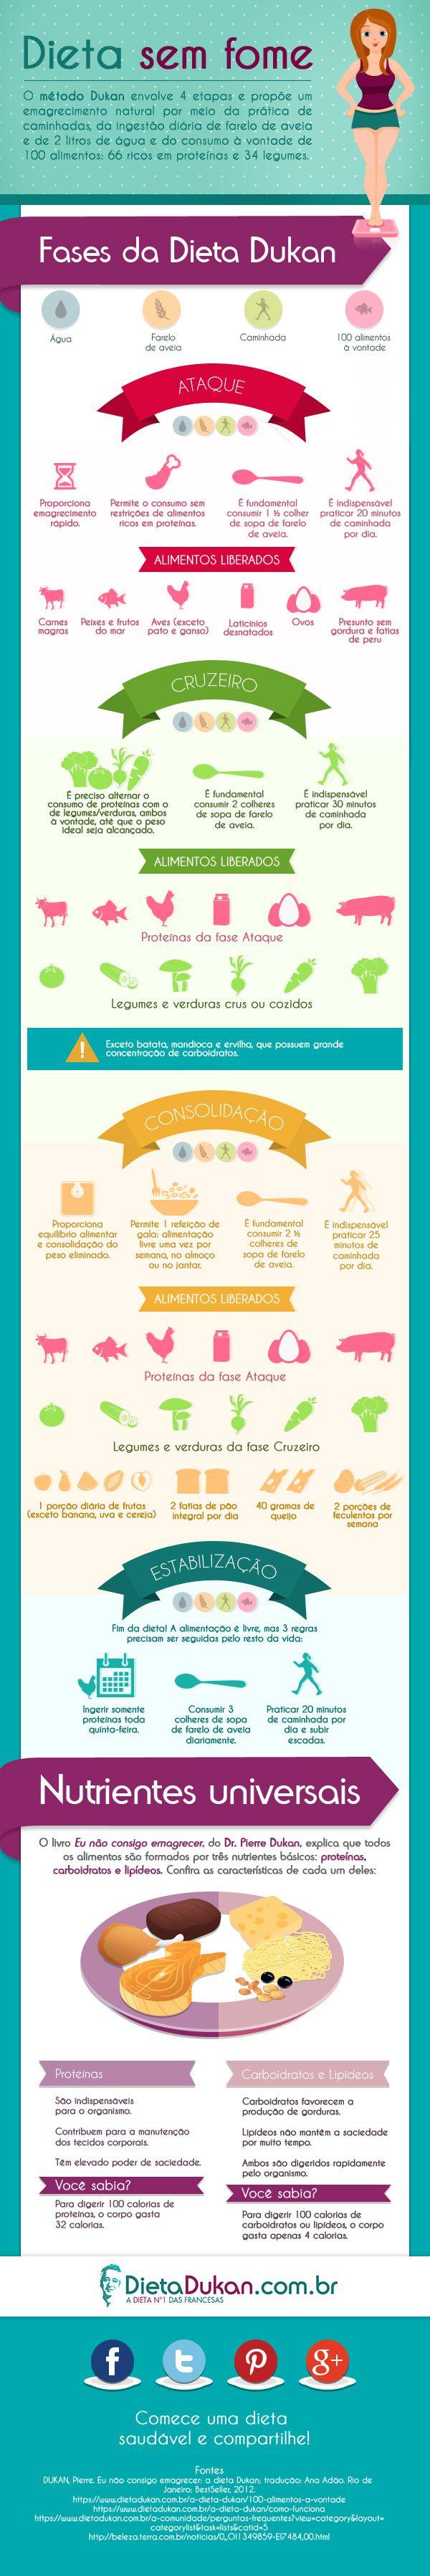 Dieta sem Fome - Dieta Dukan                                                                                                                                                                                 Mais